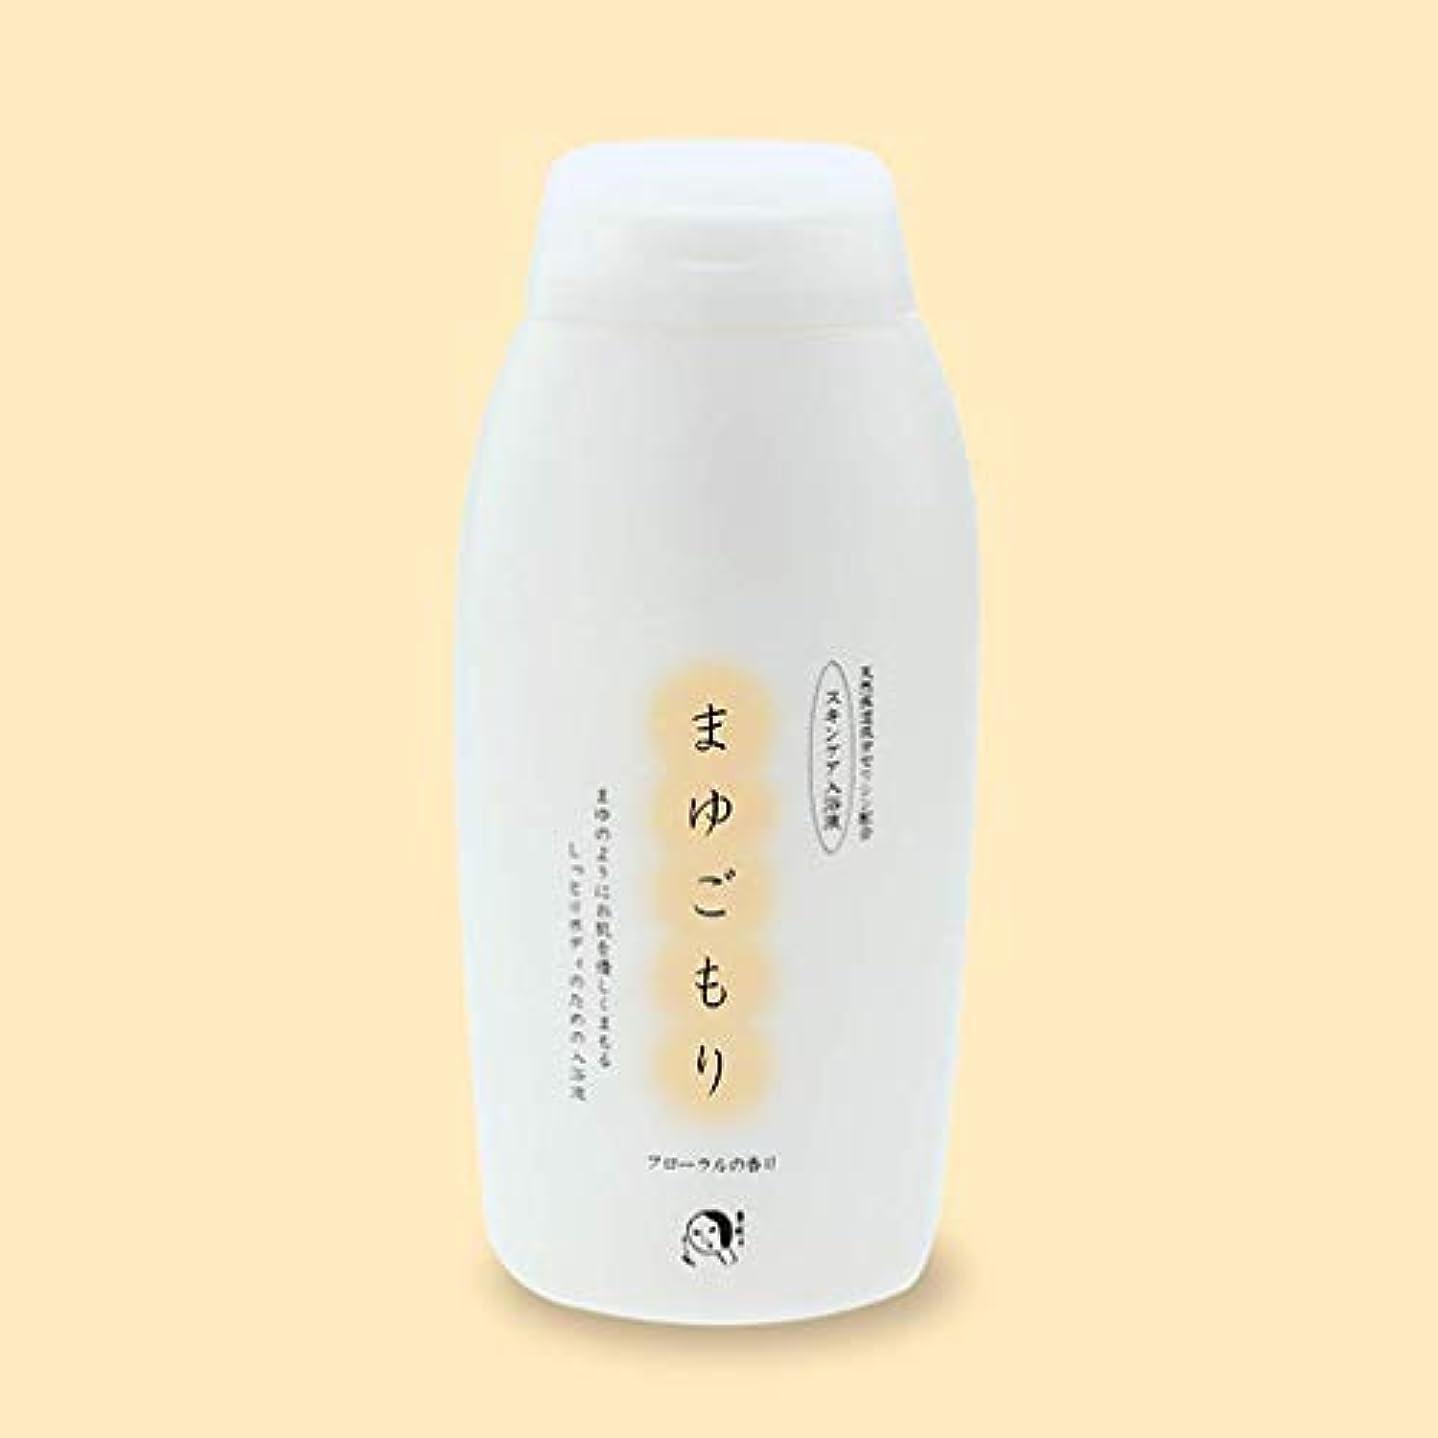 洪水トランスペアレント無よーじや まゆごもり入浴液(ボトルタイプ) 250ml(11回分)